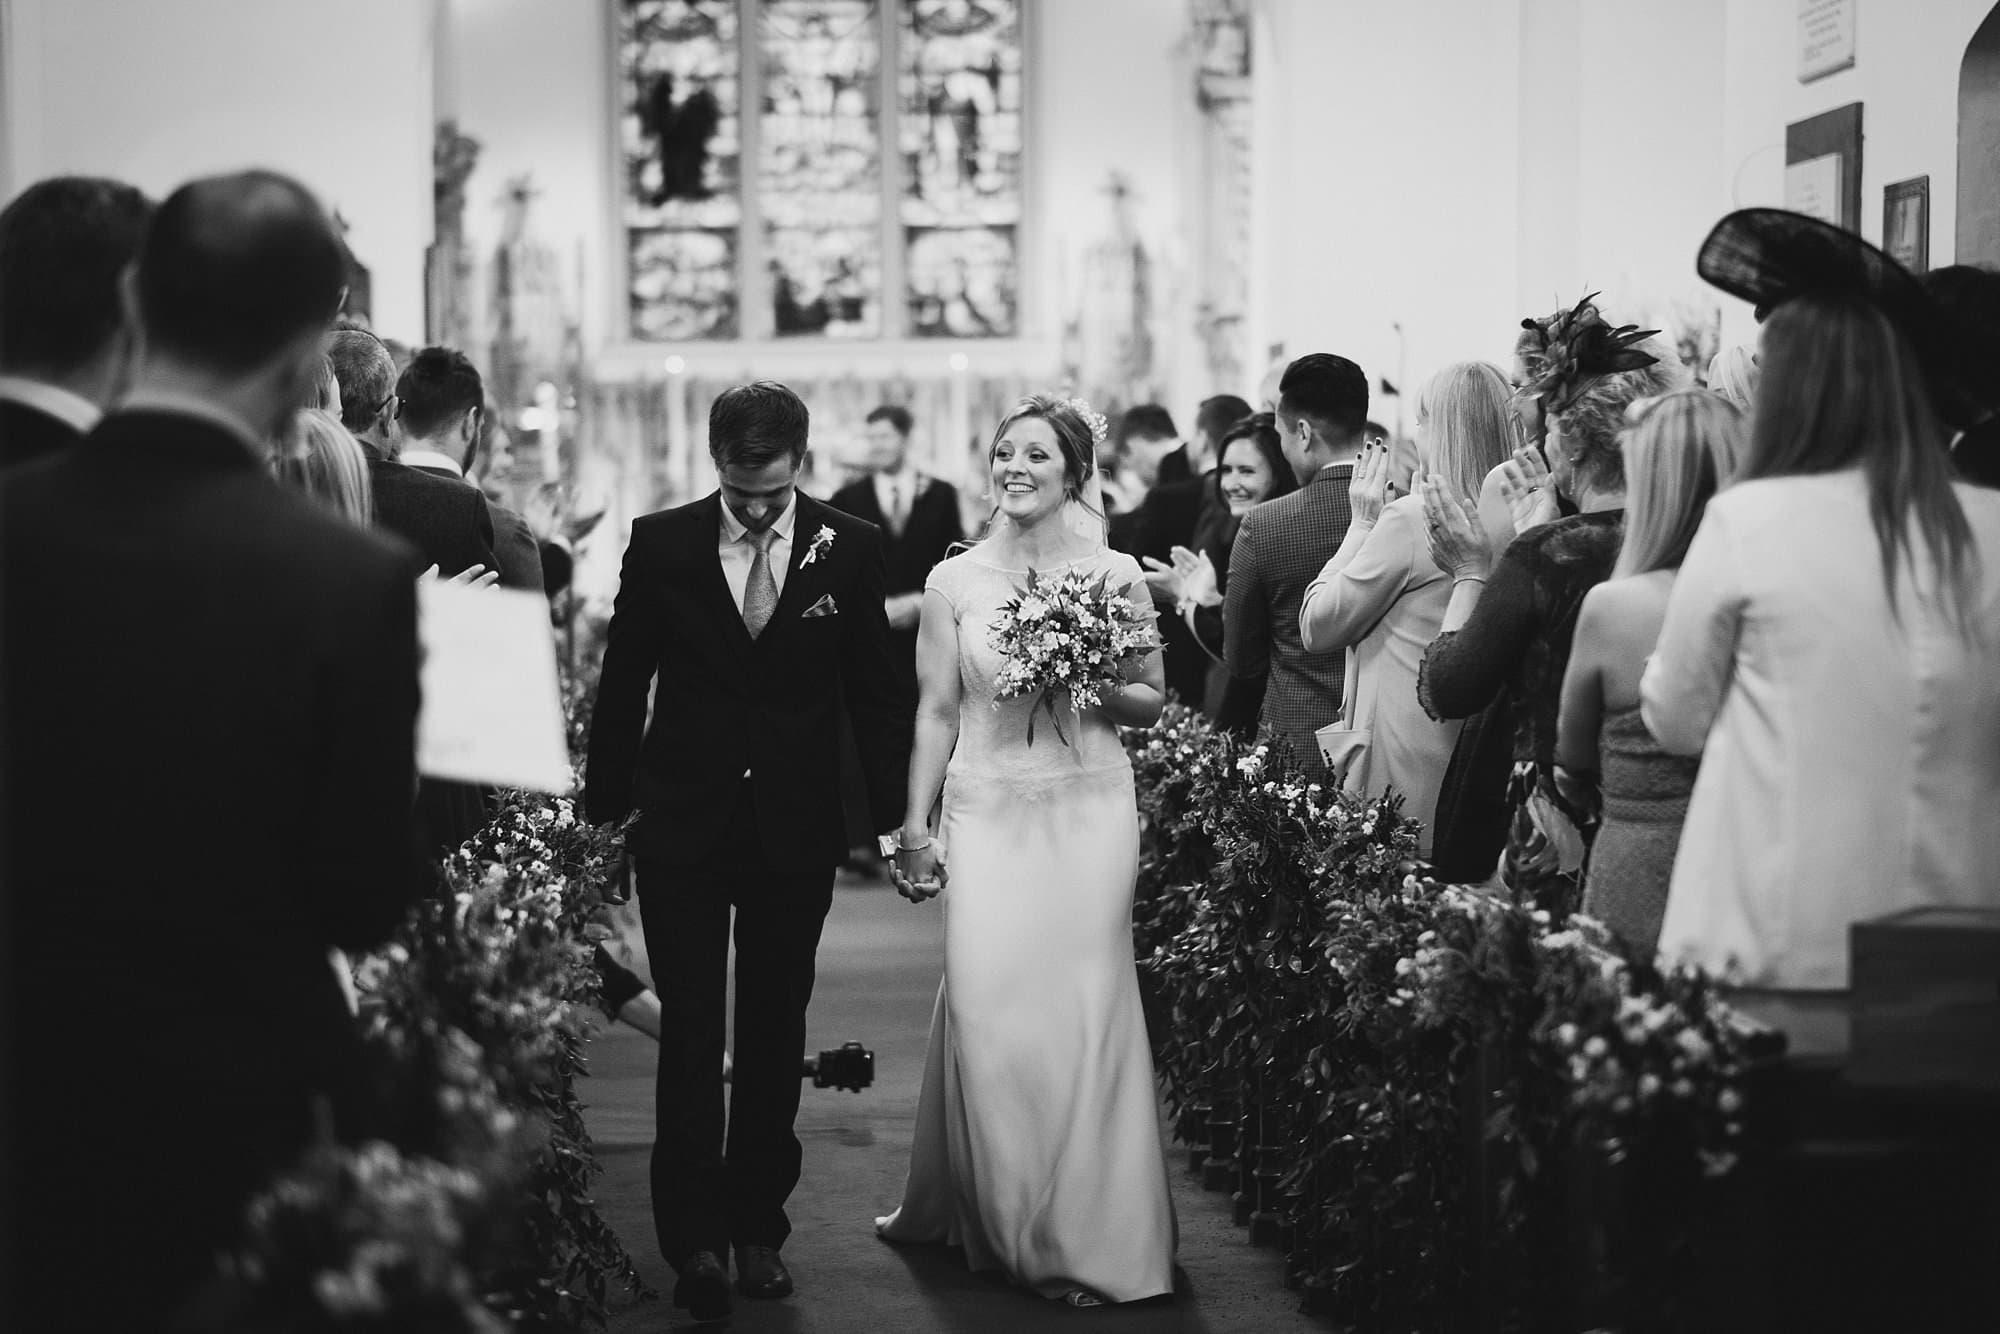 ashtead london wedding photographer 048 - Rachel & Jonny's Ashtead Wedding